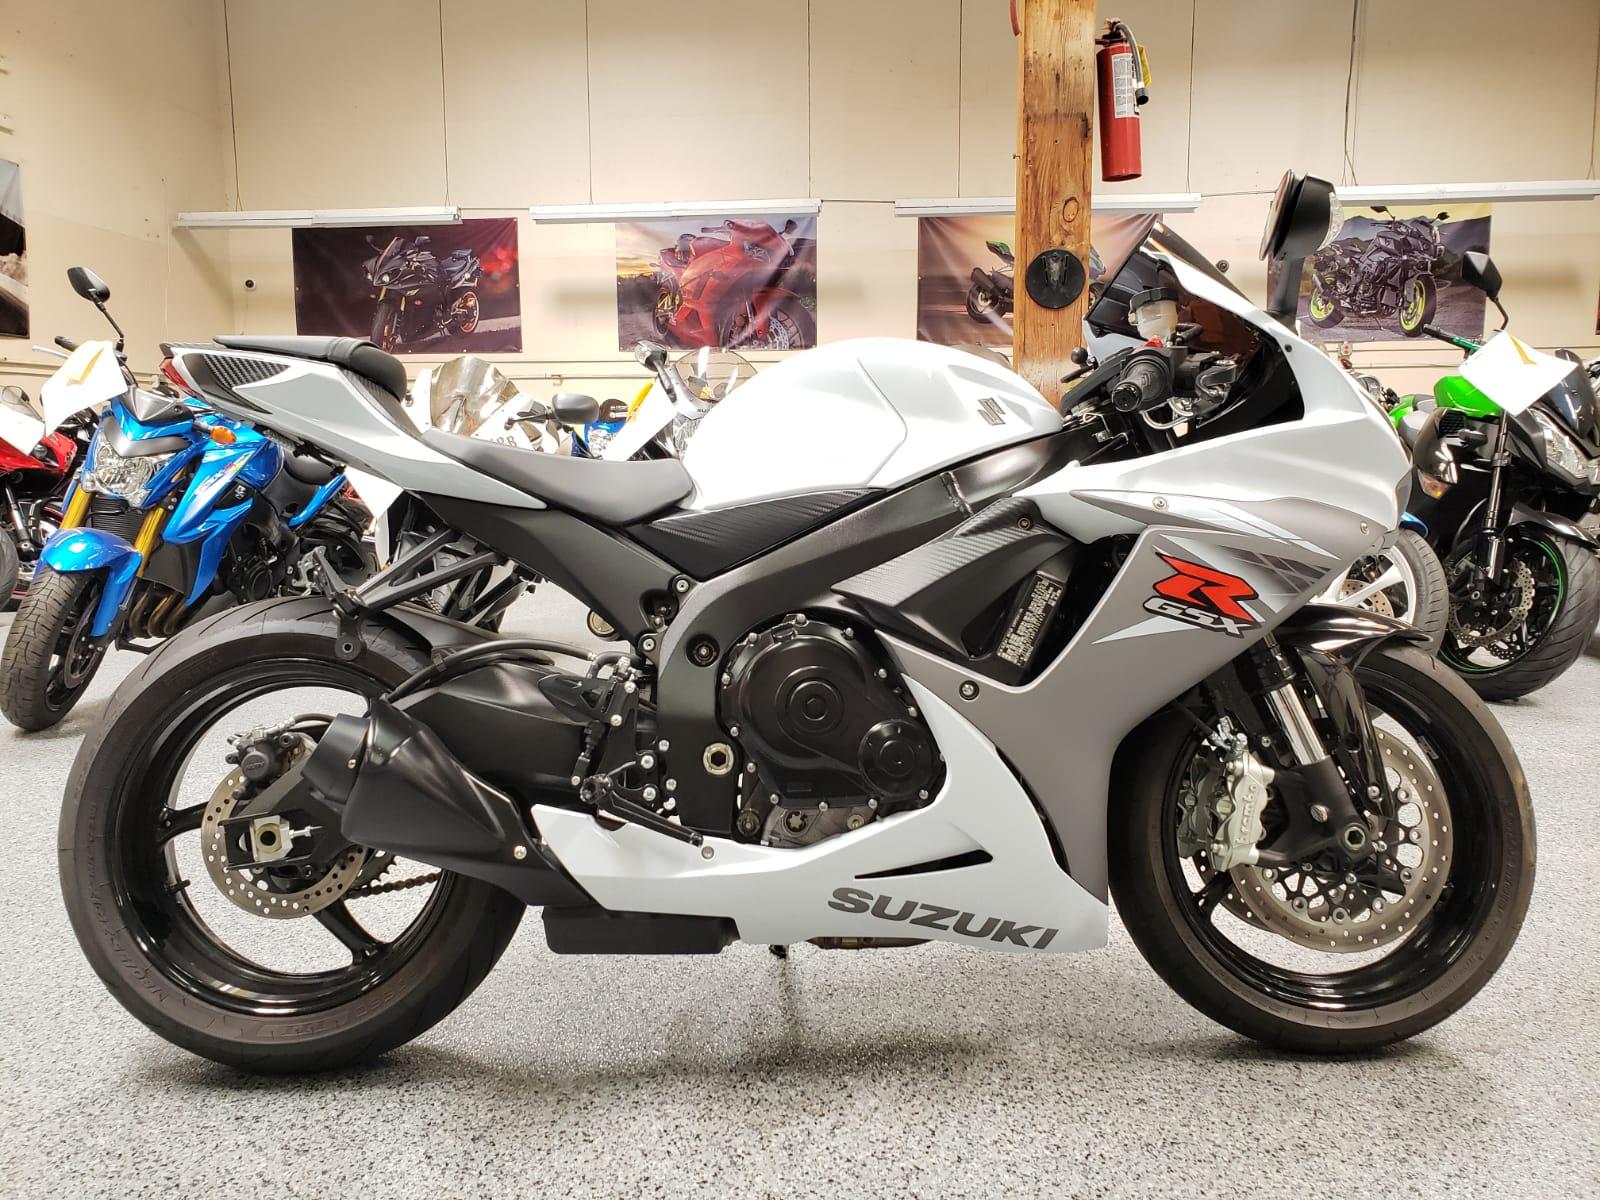 2015 suzuki gsxr 600